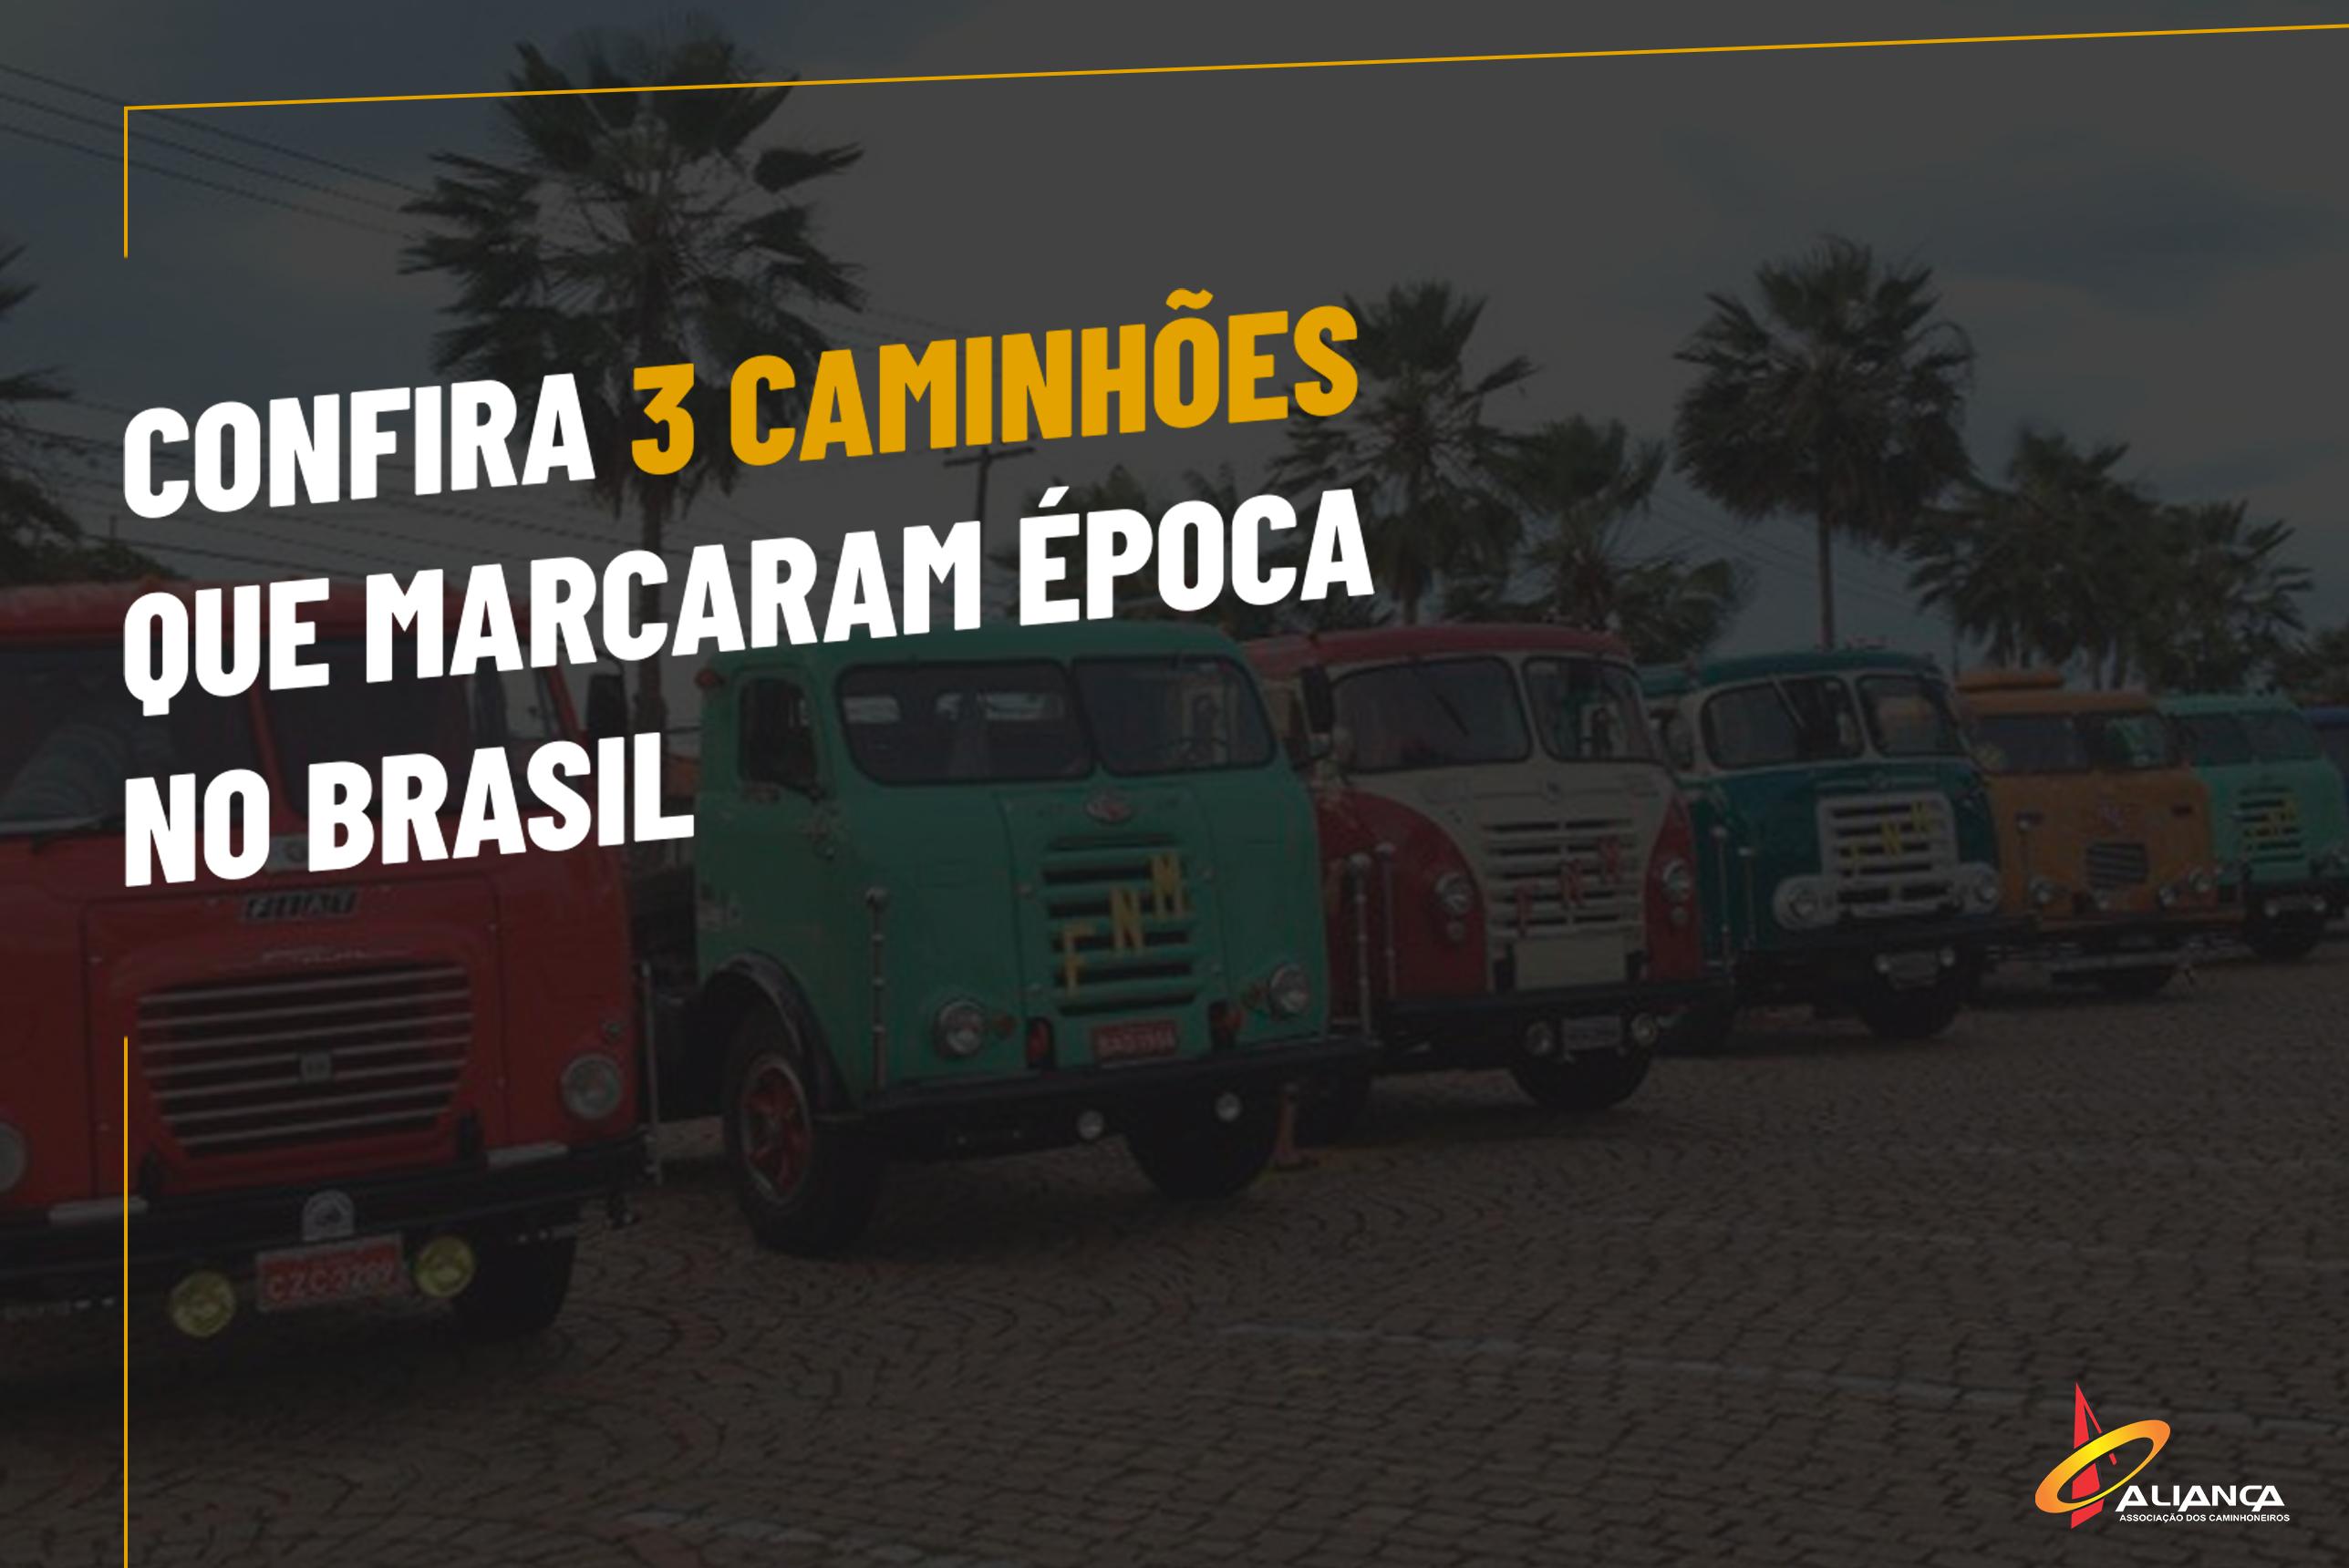 Confira 3 Caminhões que marcaram época no Brasil